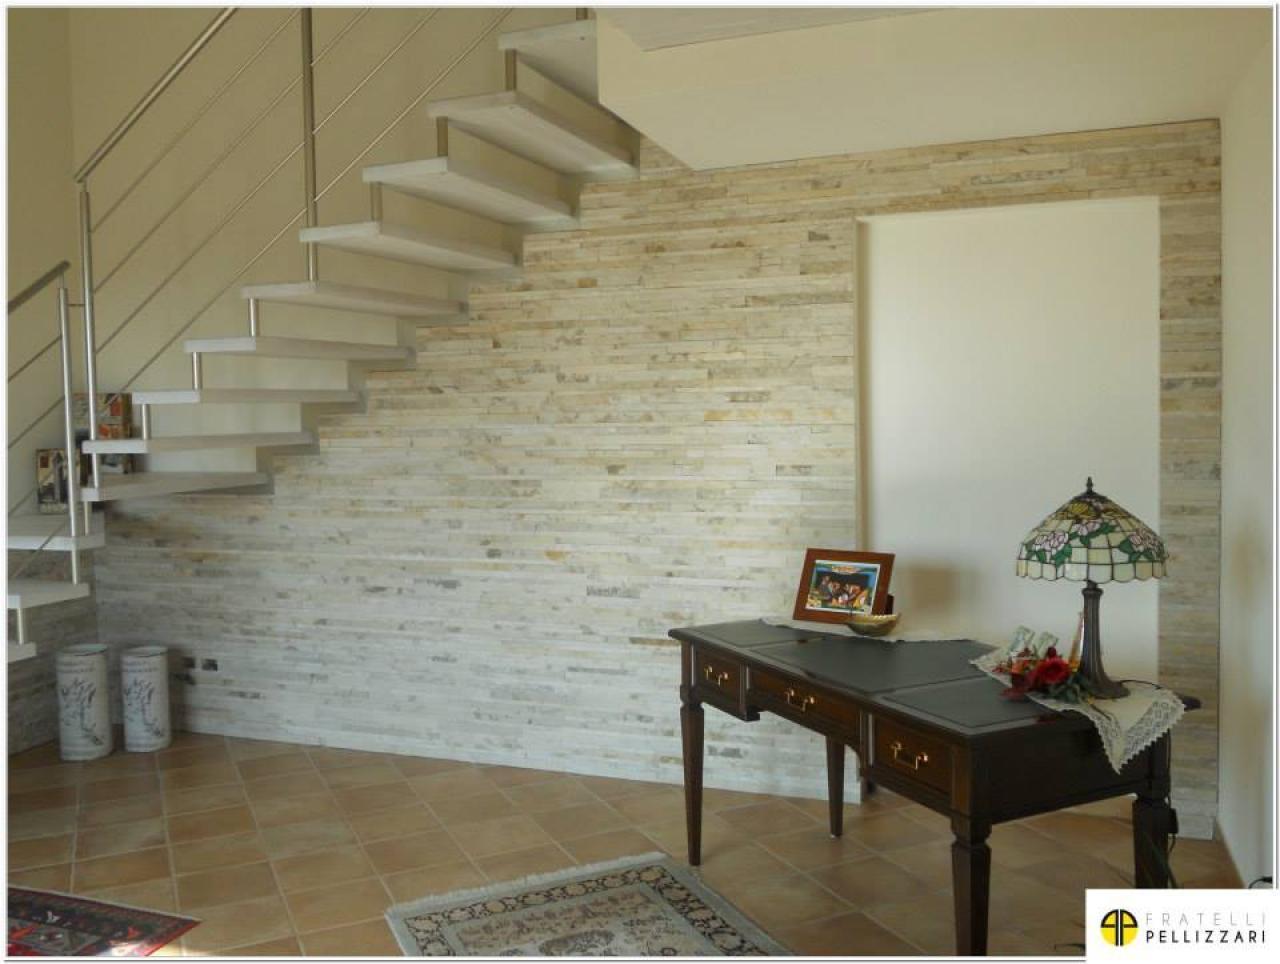 Rivestimenti in pietra interni ed esterni realizzati a vicenza e verona fratelli pellizzari for Rivestimento parete interna